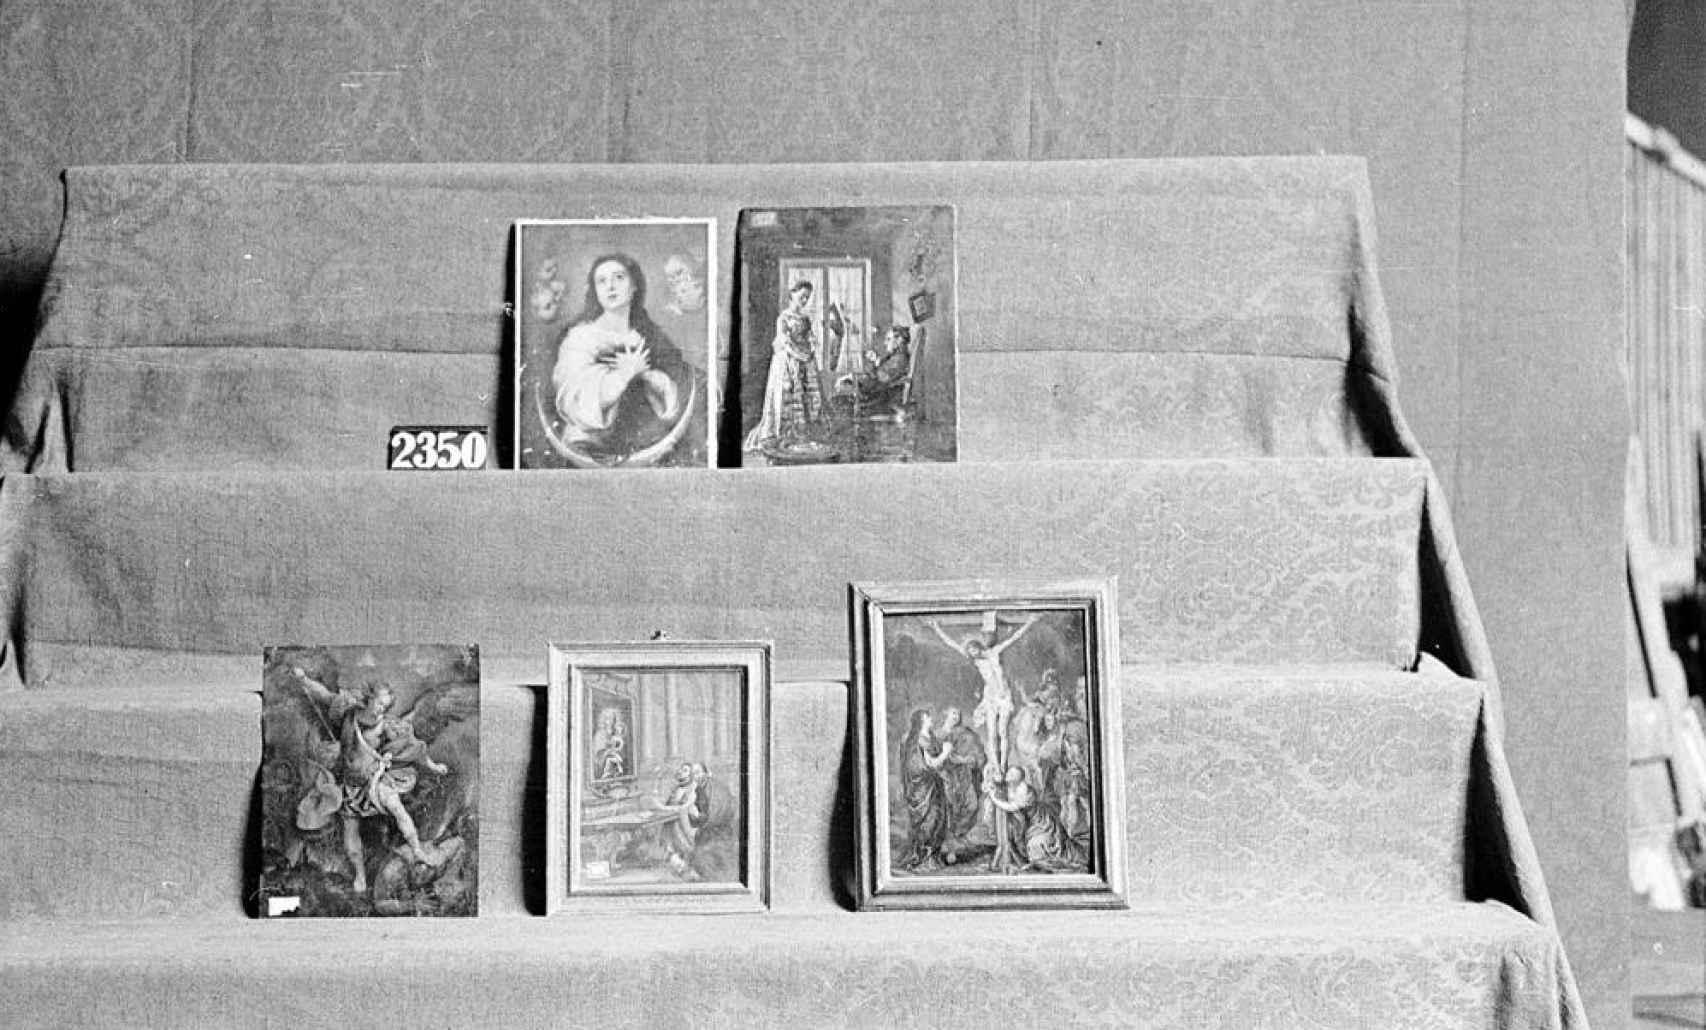 Una de las muestras organizadas por el Sdpan en el Palacio de Exposiciones del Retiro.